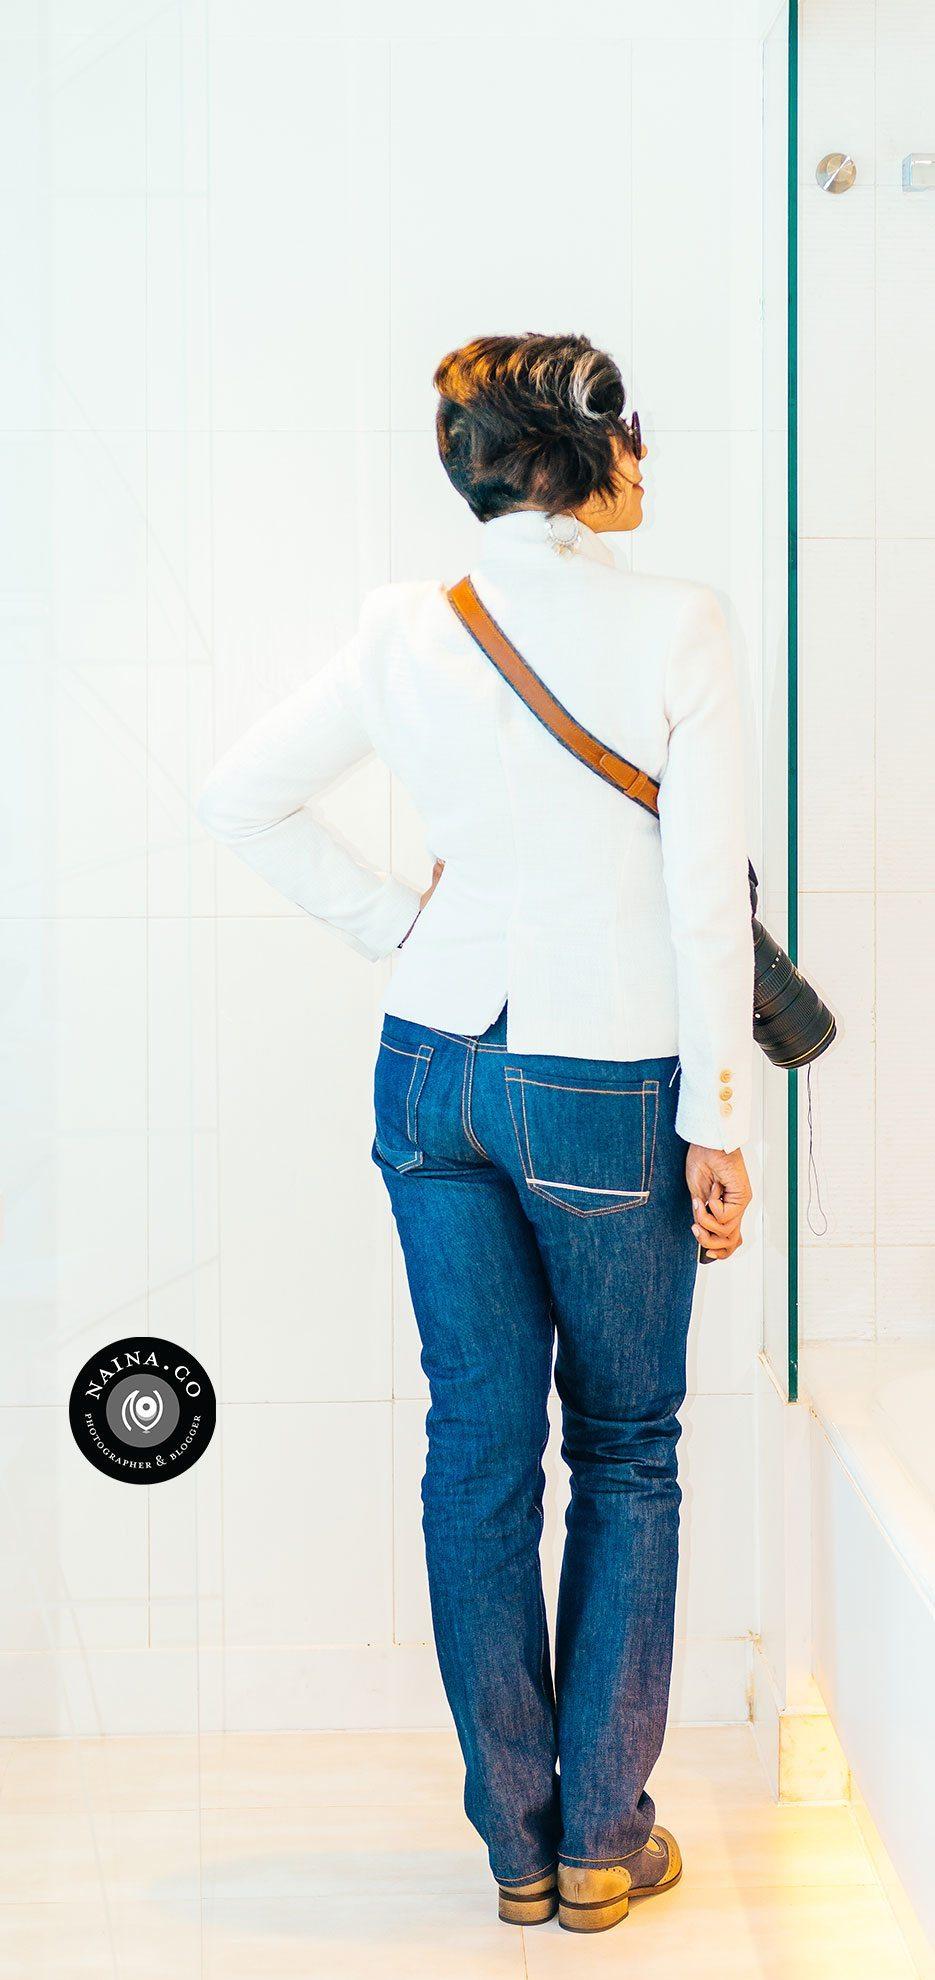 Naina.co-Raconteuse-Visuelle-Photographer-Blogger-Storyteller-Luxury-Lifestyle-March-2015-CoverUp-31-EyesForFashion